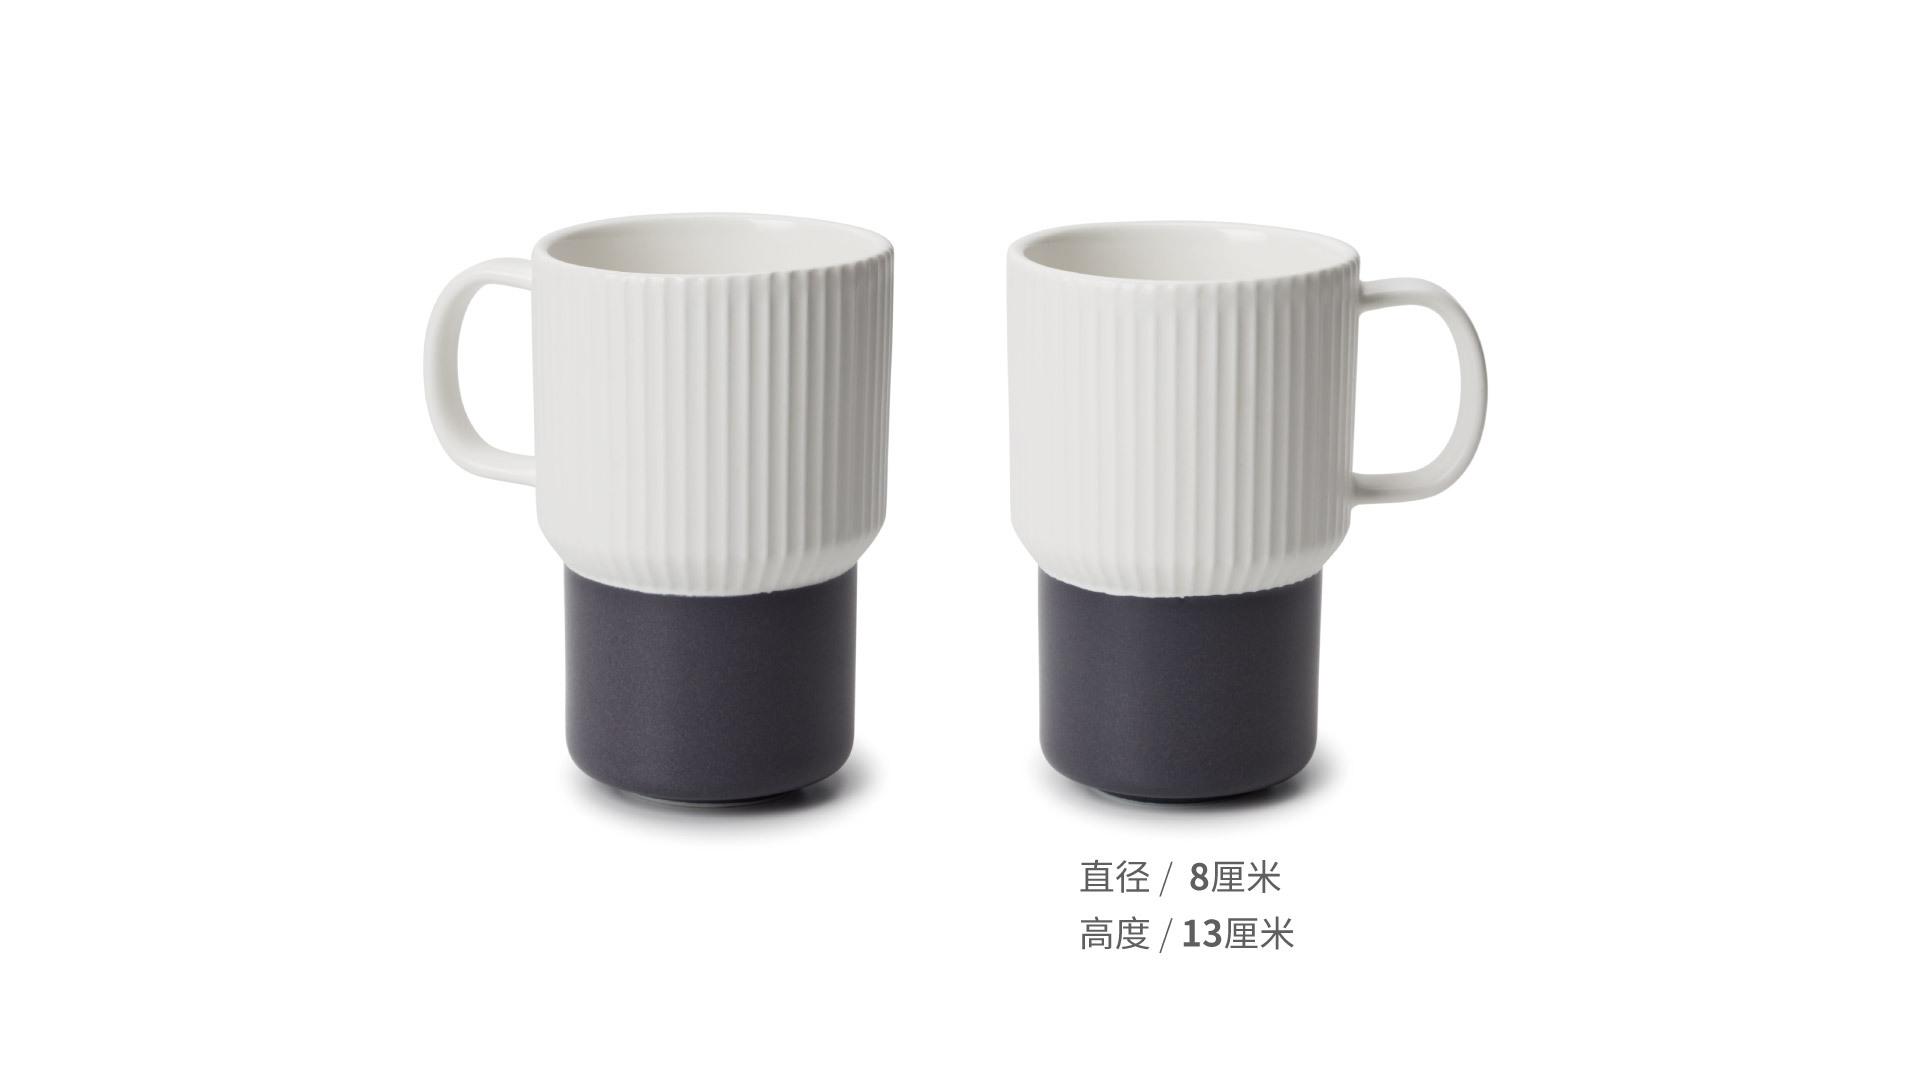 折简浸釉餐具组-杯子马克杯餐具效果图